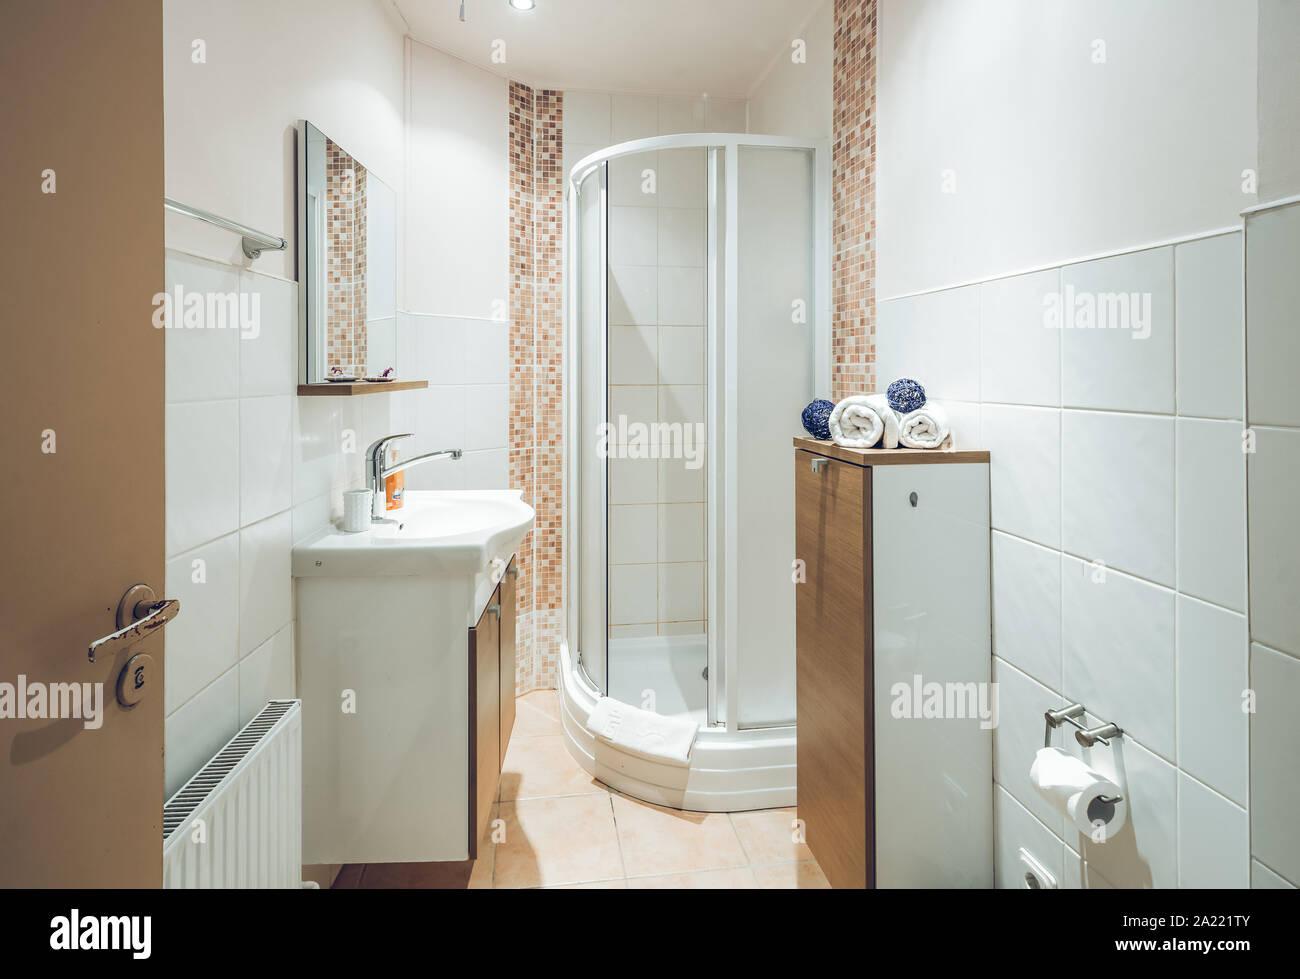 Kleines Badezimmer. Modernes Interieur. Weiße Fliesen ...